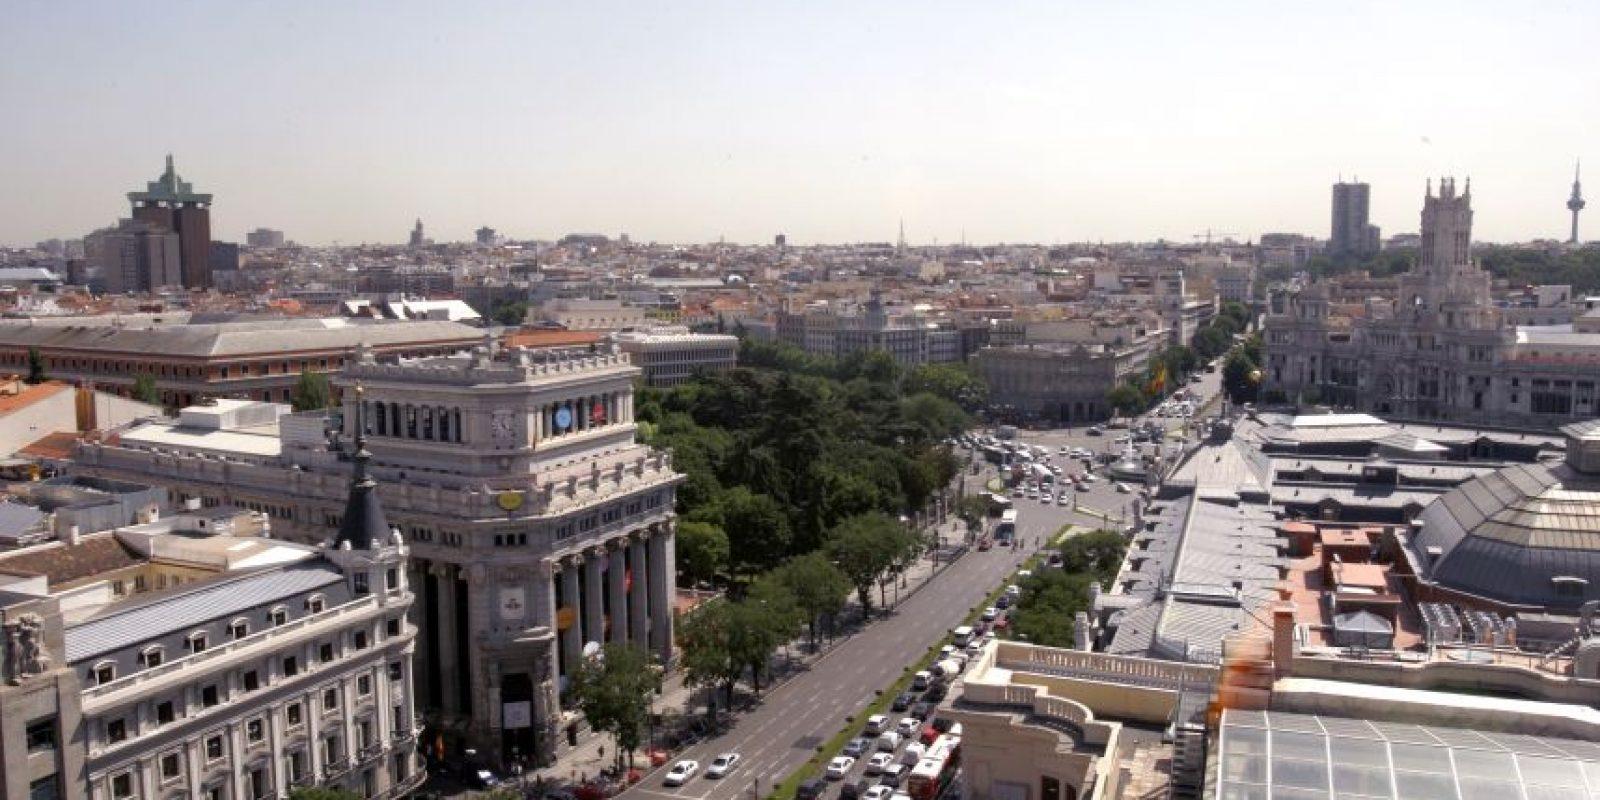 Ciudades como Madrid, París, Roma y Atenas podrán ser visitadas por los colombianos libremente Foto:EFE